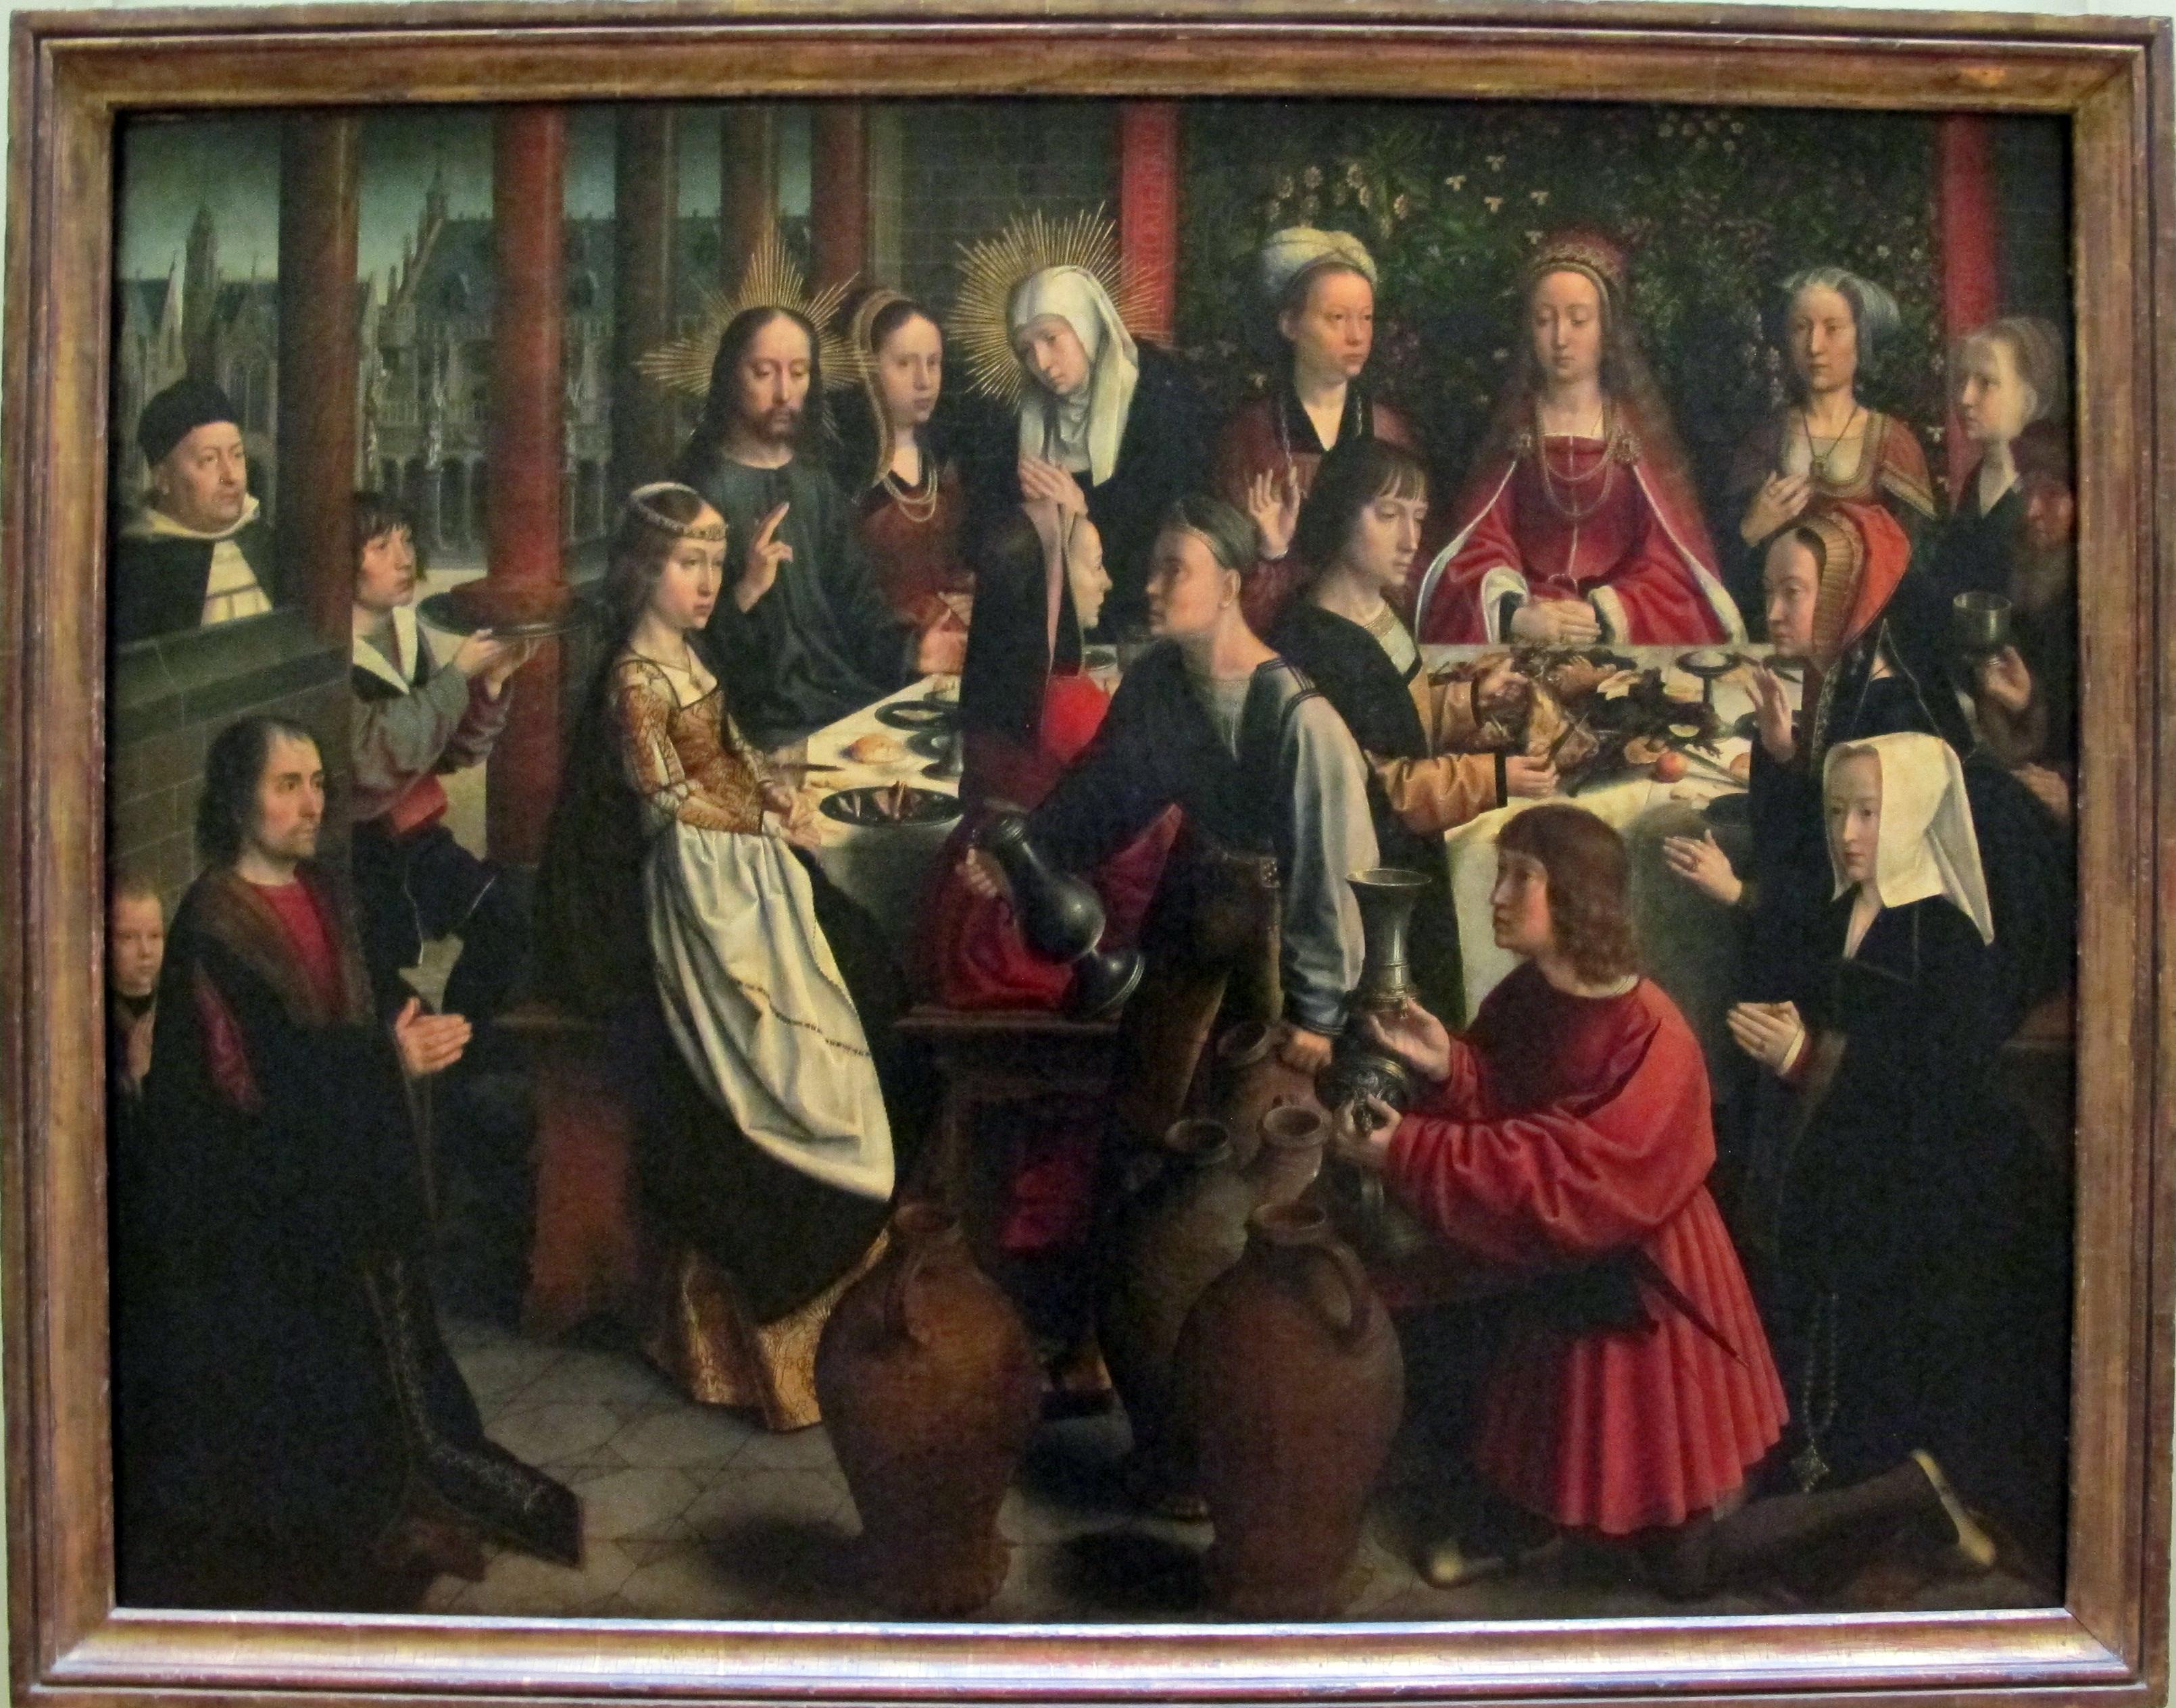 File:Gerard david, nozze di cana, 1495-1500 ca..JPG